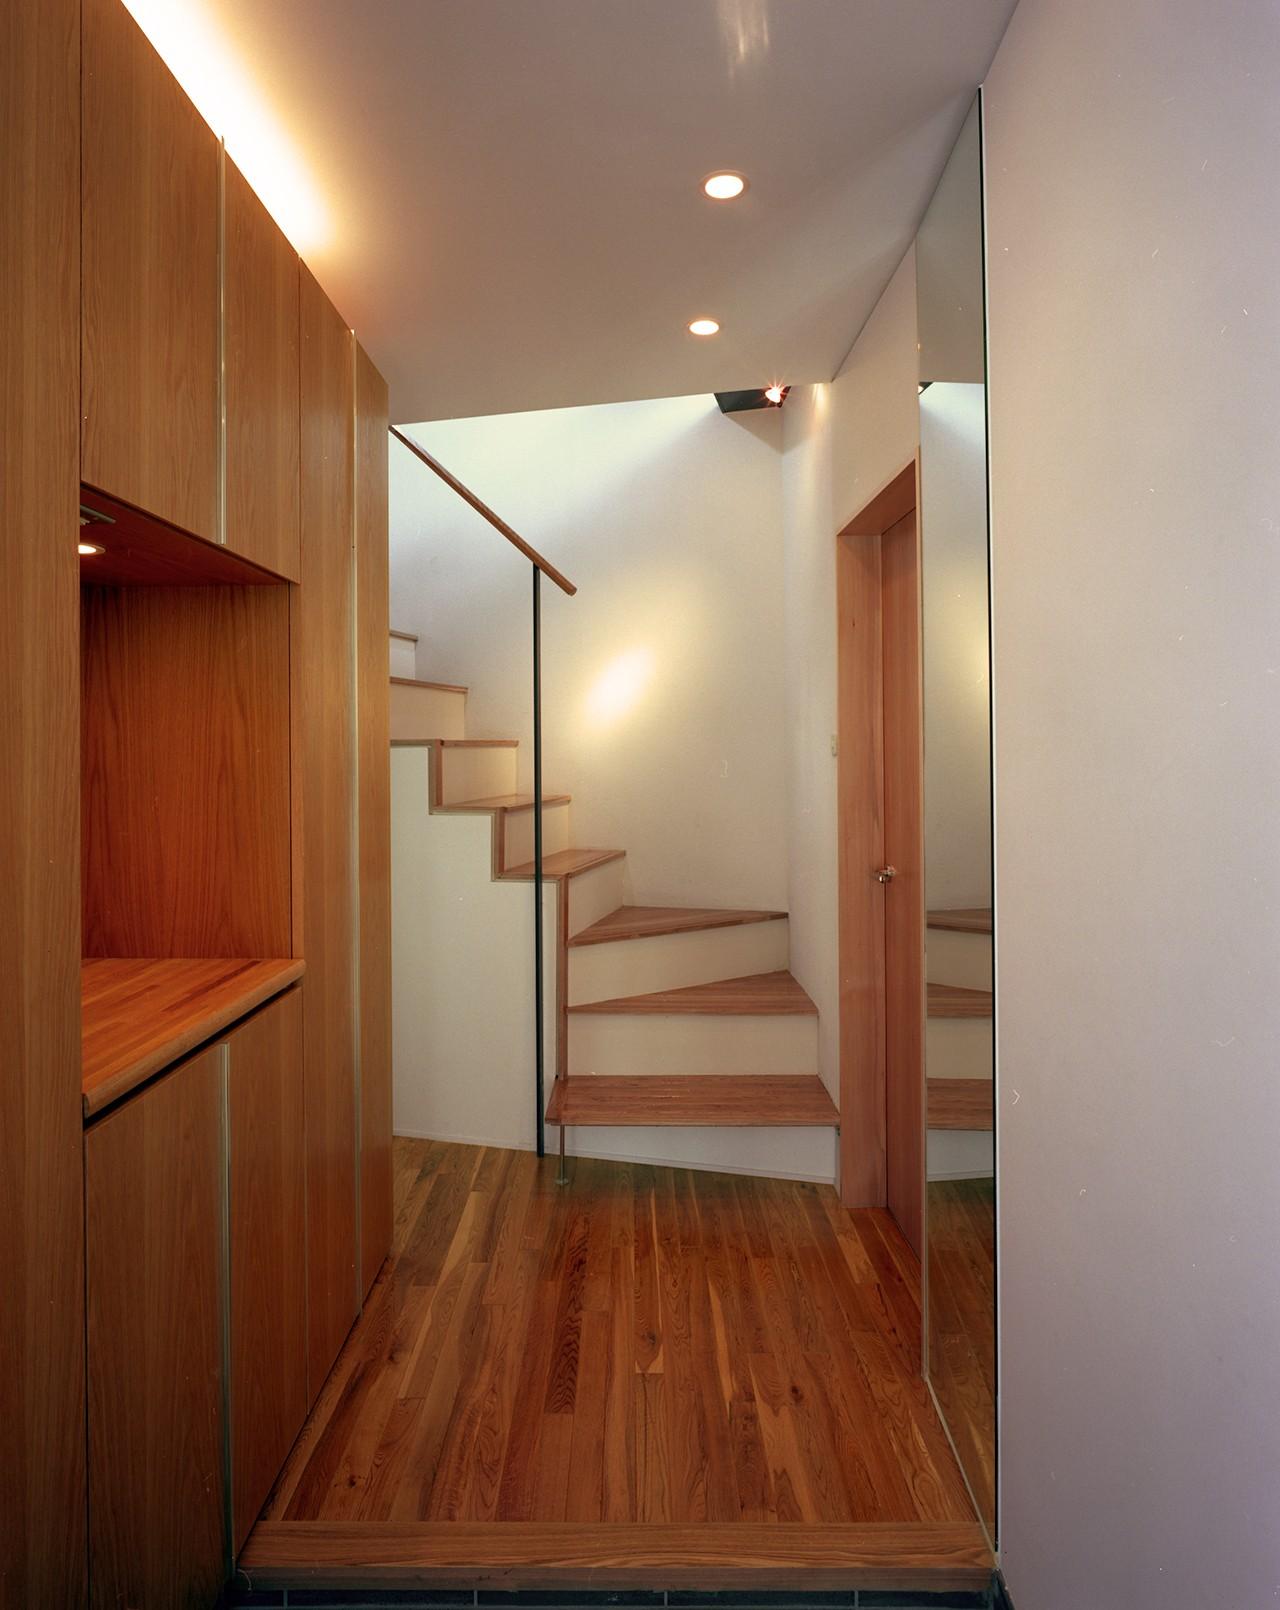 玄関事例:玄関・階段(【スキップテラスの家】  テラスの段差が生み出す、外部空間の変化)